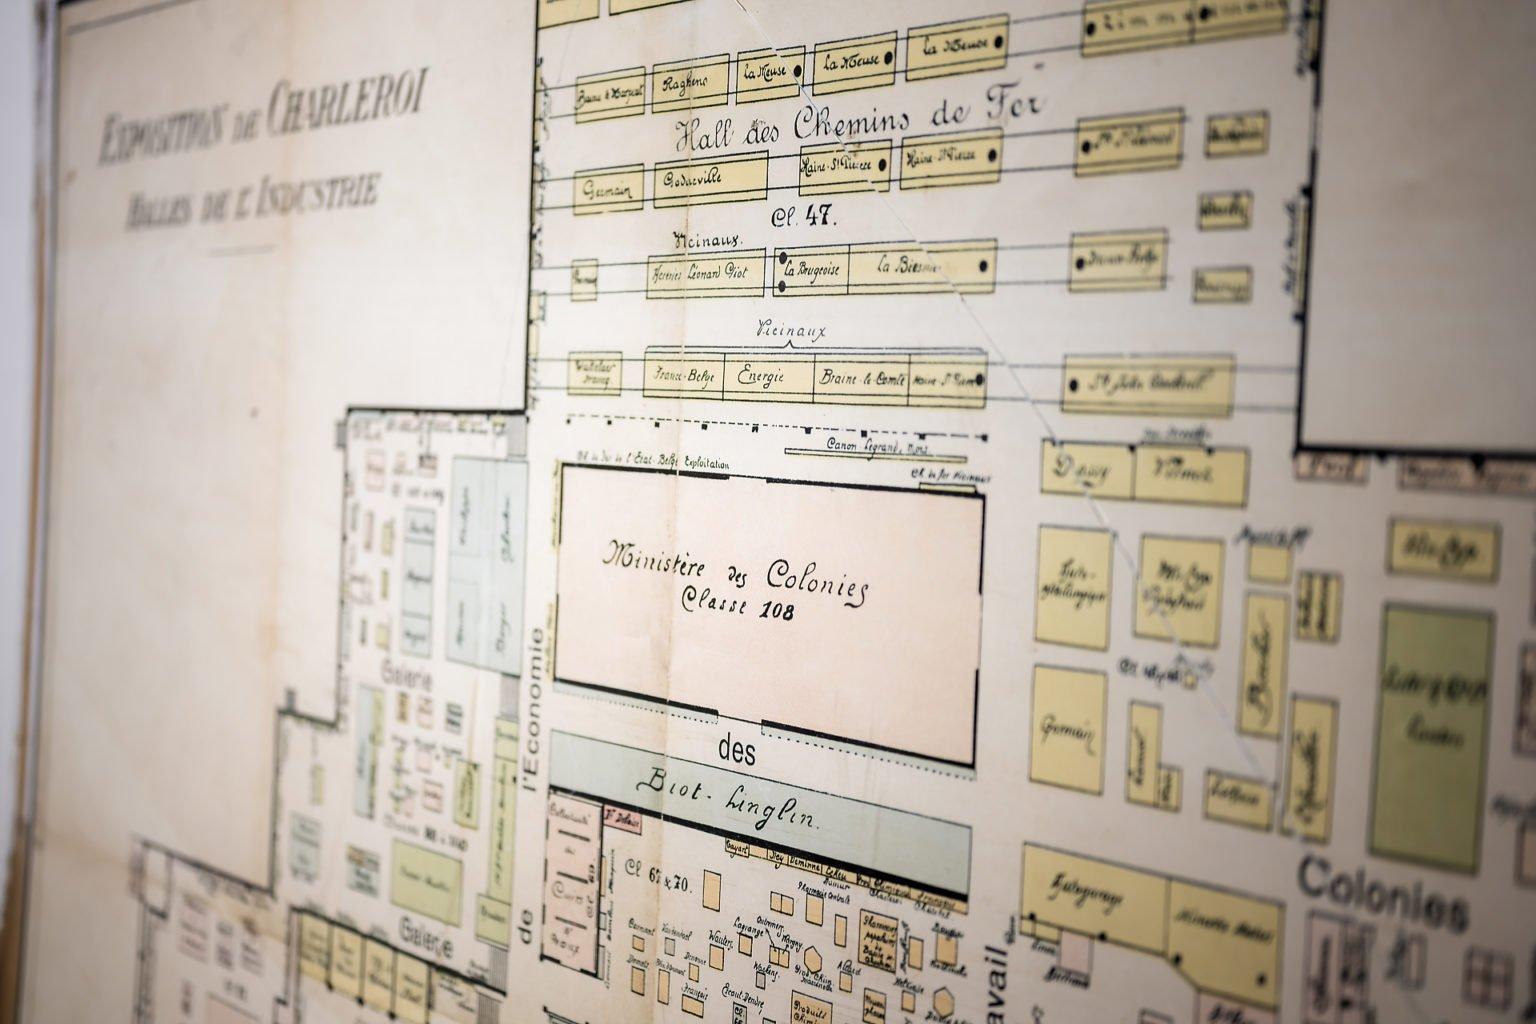 Carte des Expositions de Charleroi, inauguration du FabLab de Charleroi, événement d'entreprise par Aurore Delsoir photographe d'entreprise à Bruxelles et en Wallonie